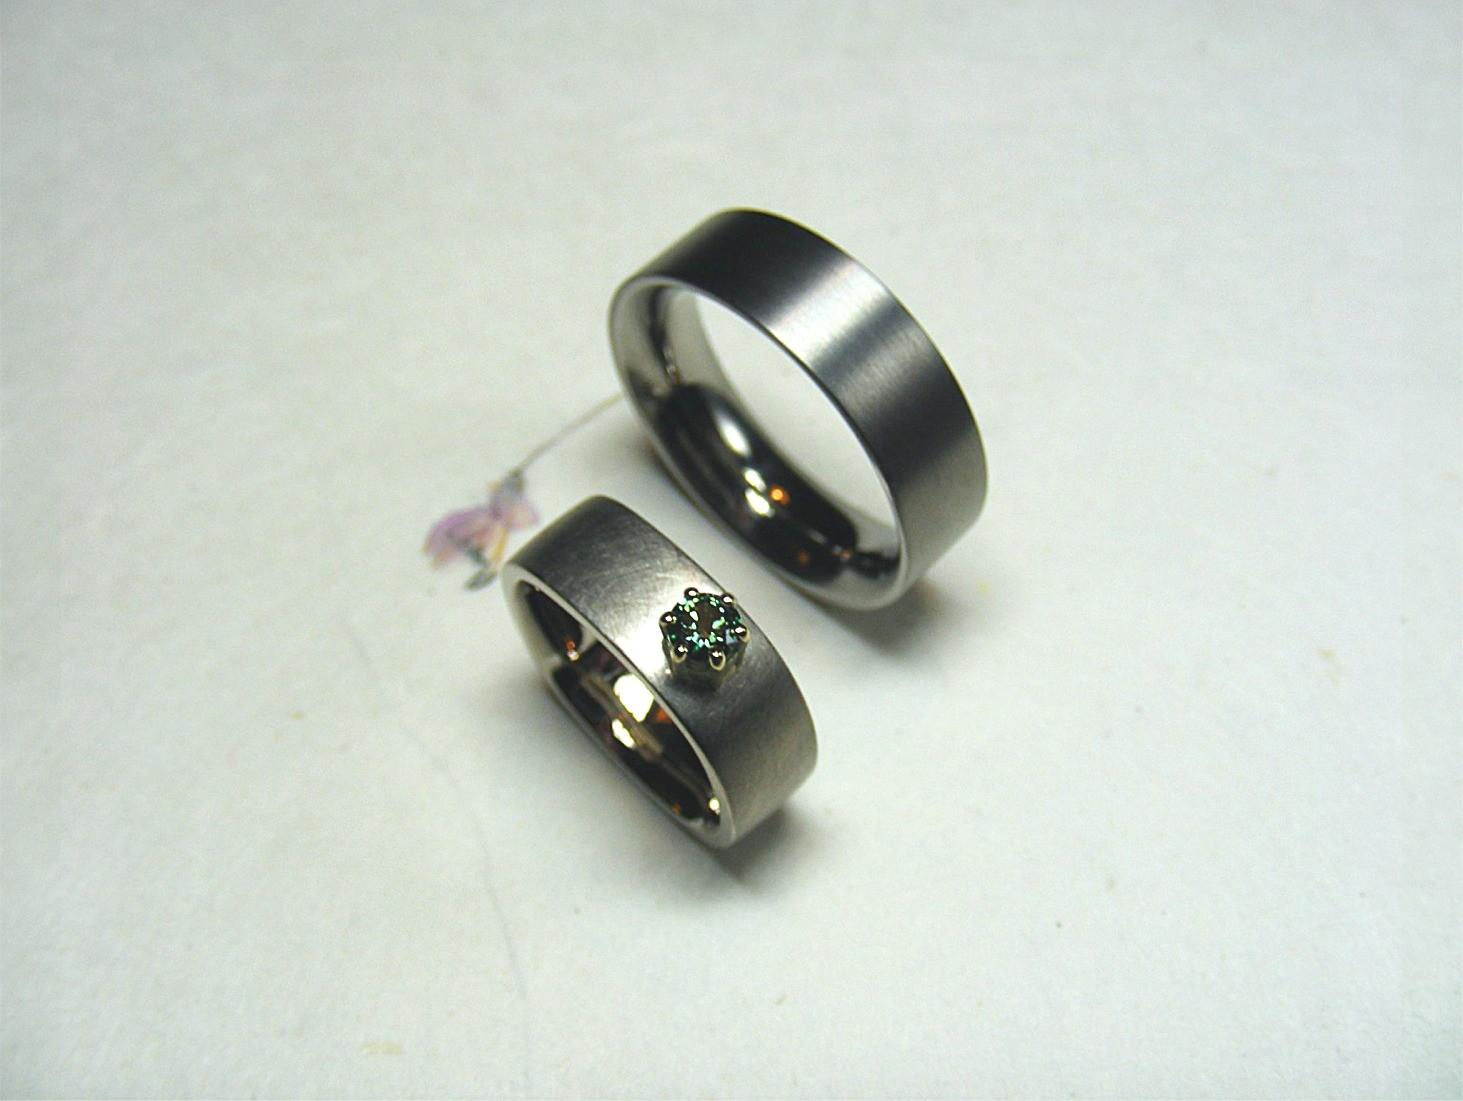 14kt wit- en geelgoud en groene diamant / titanium herenring